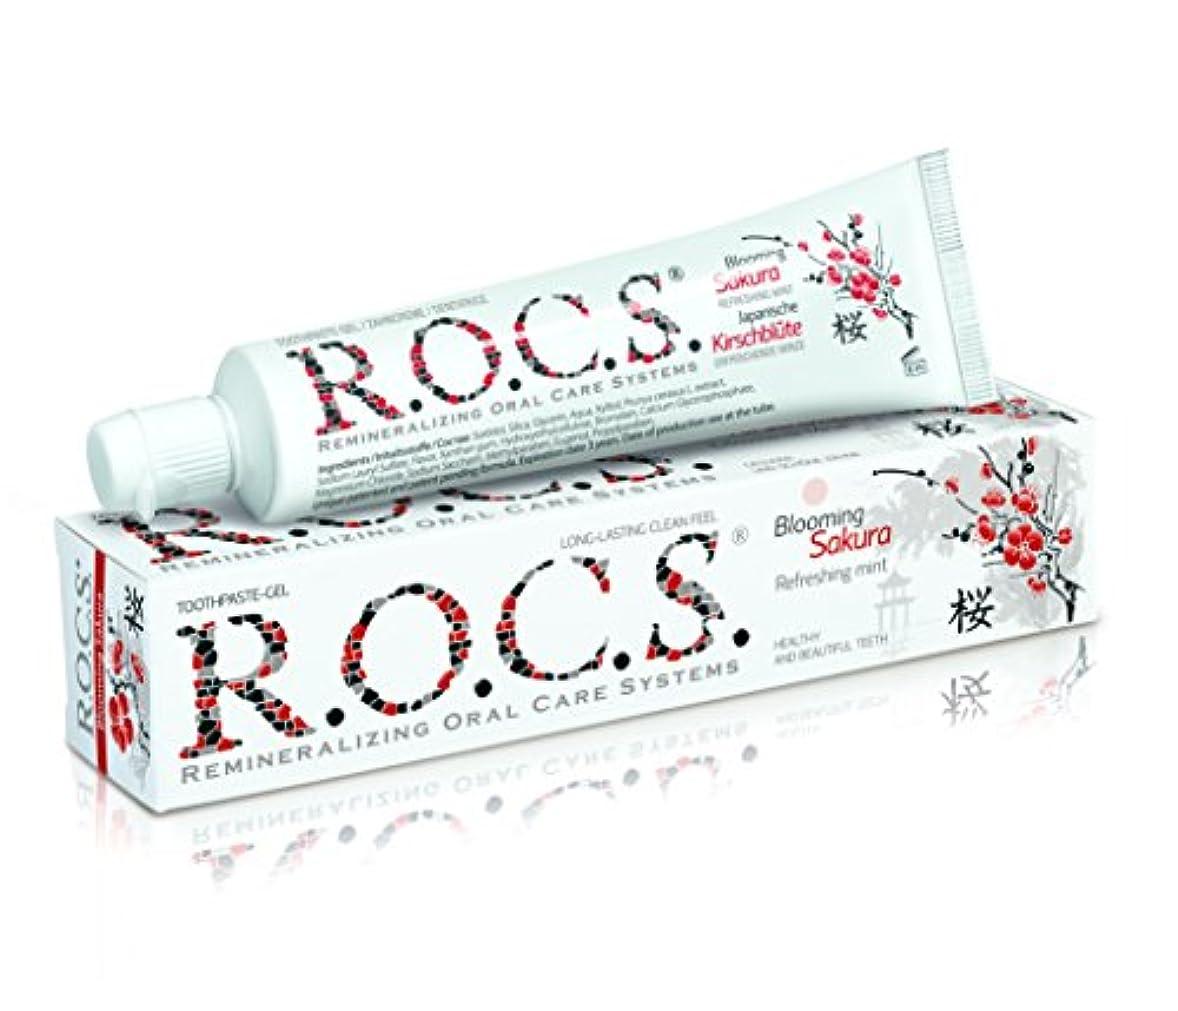 R.O.C.S. ロックス歯磨き粉 ブルーミング サクラ